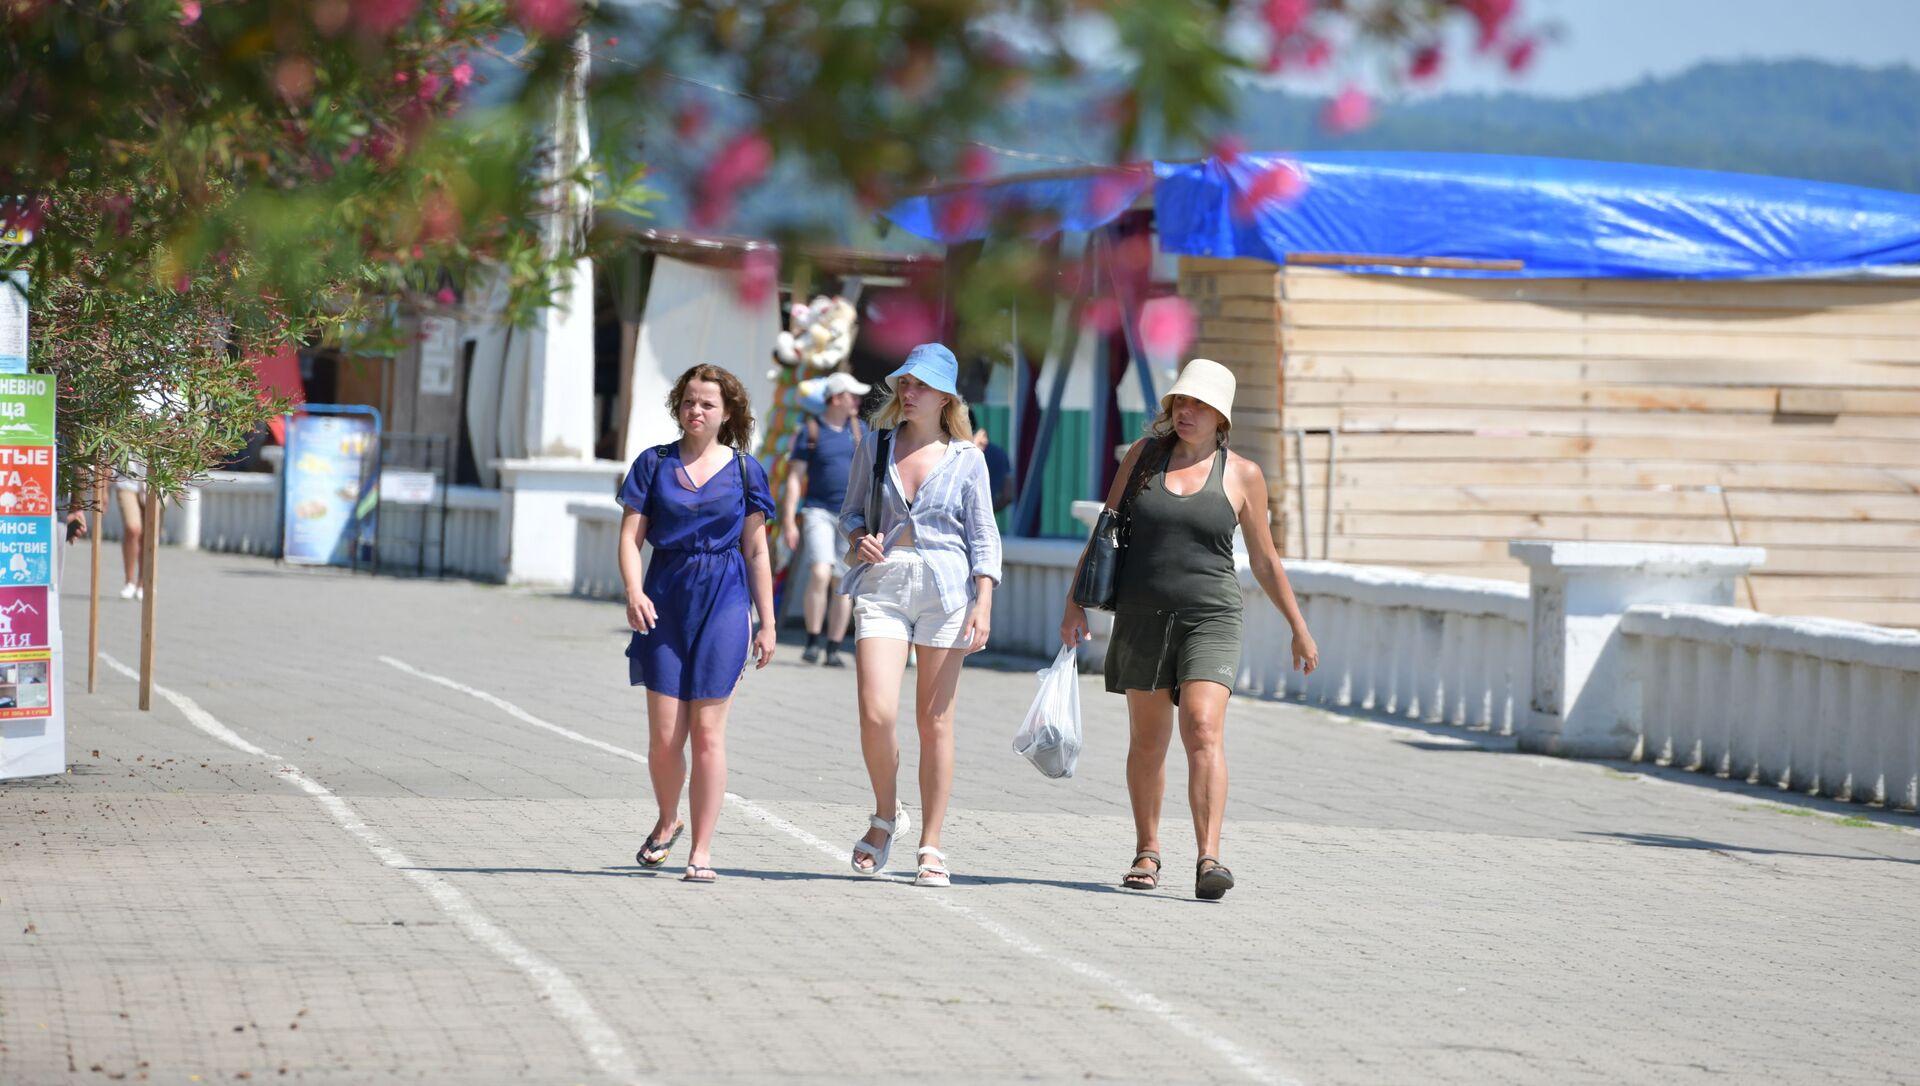 Туристы на набережной города  - Sputnik Абхазия, 1920, 02.08.2021